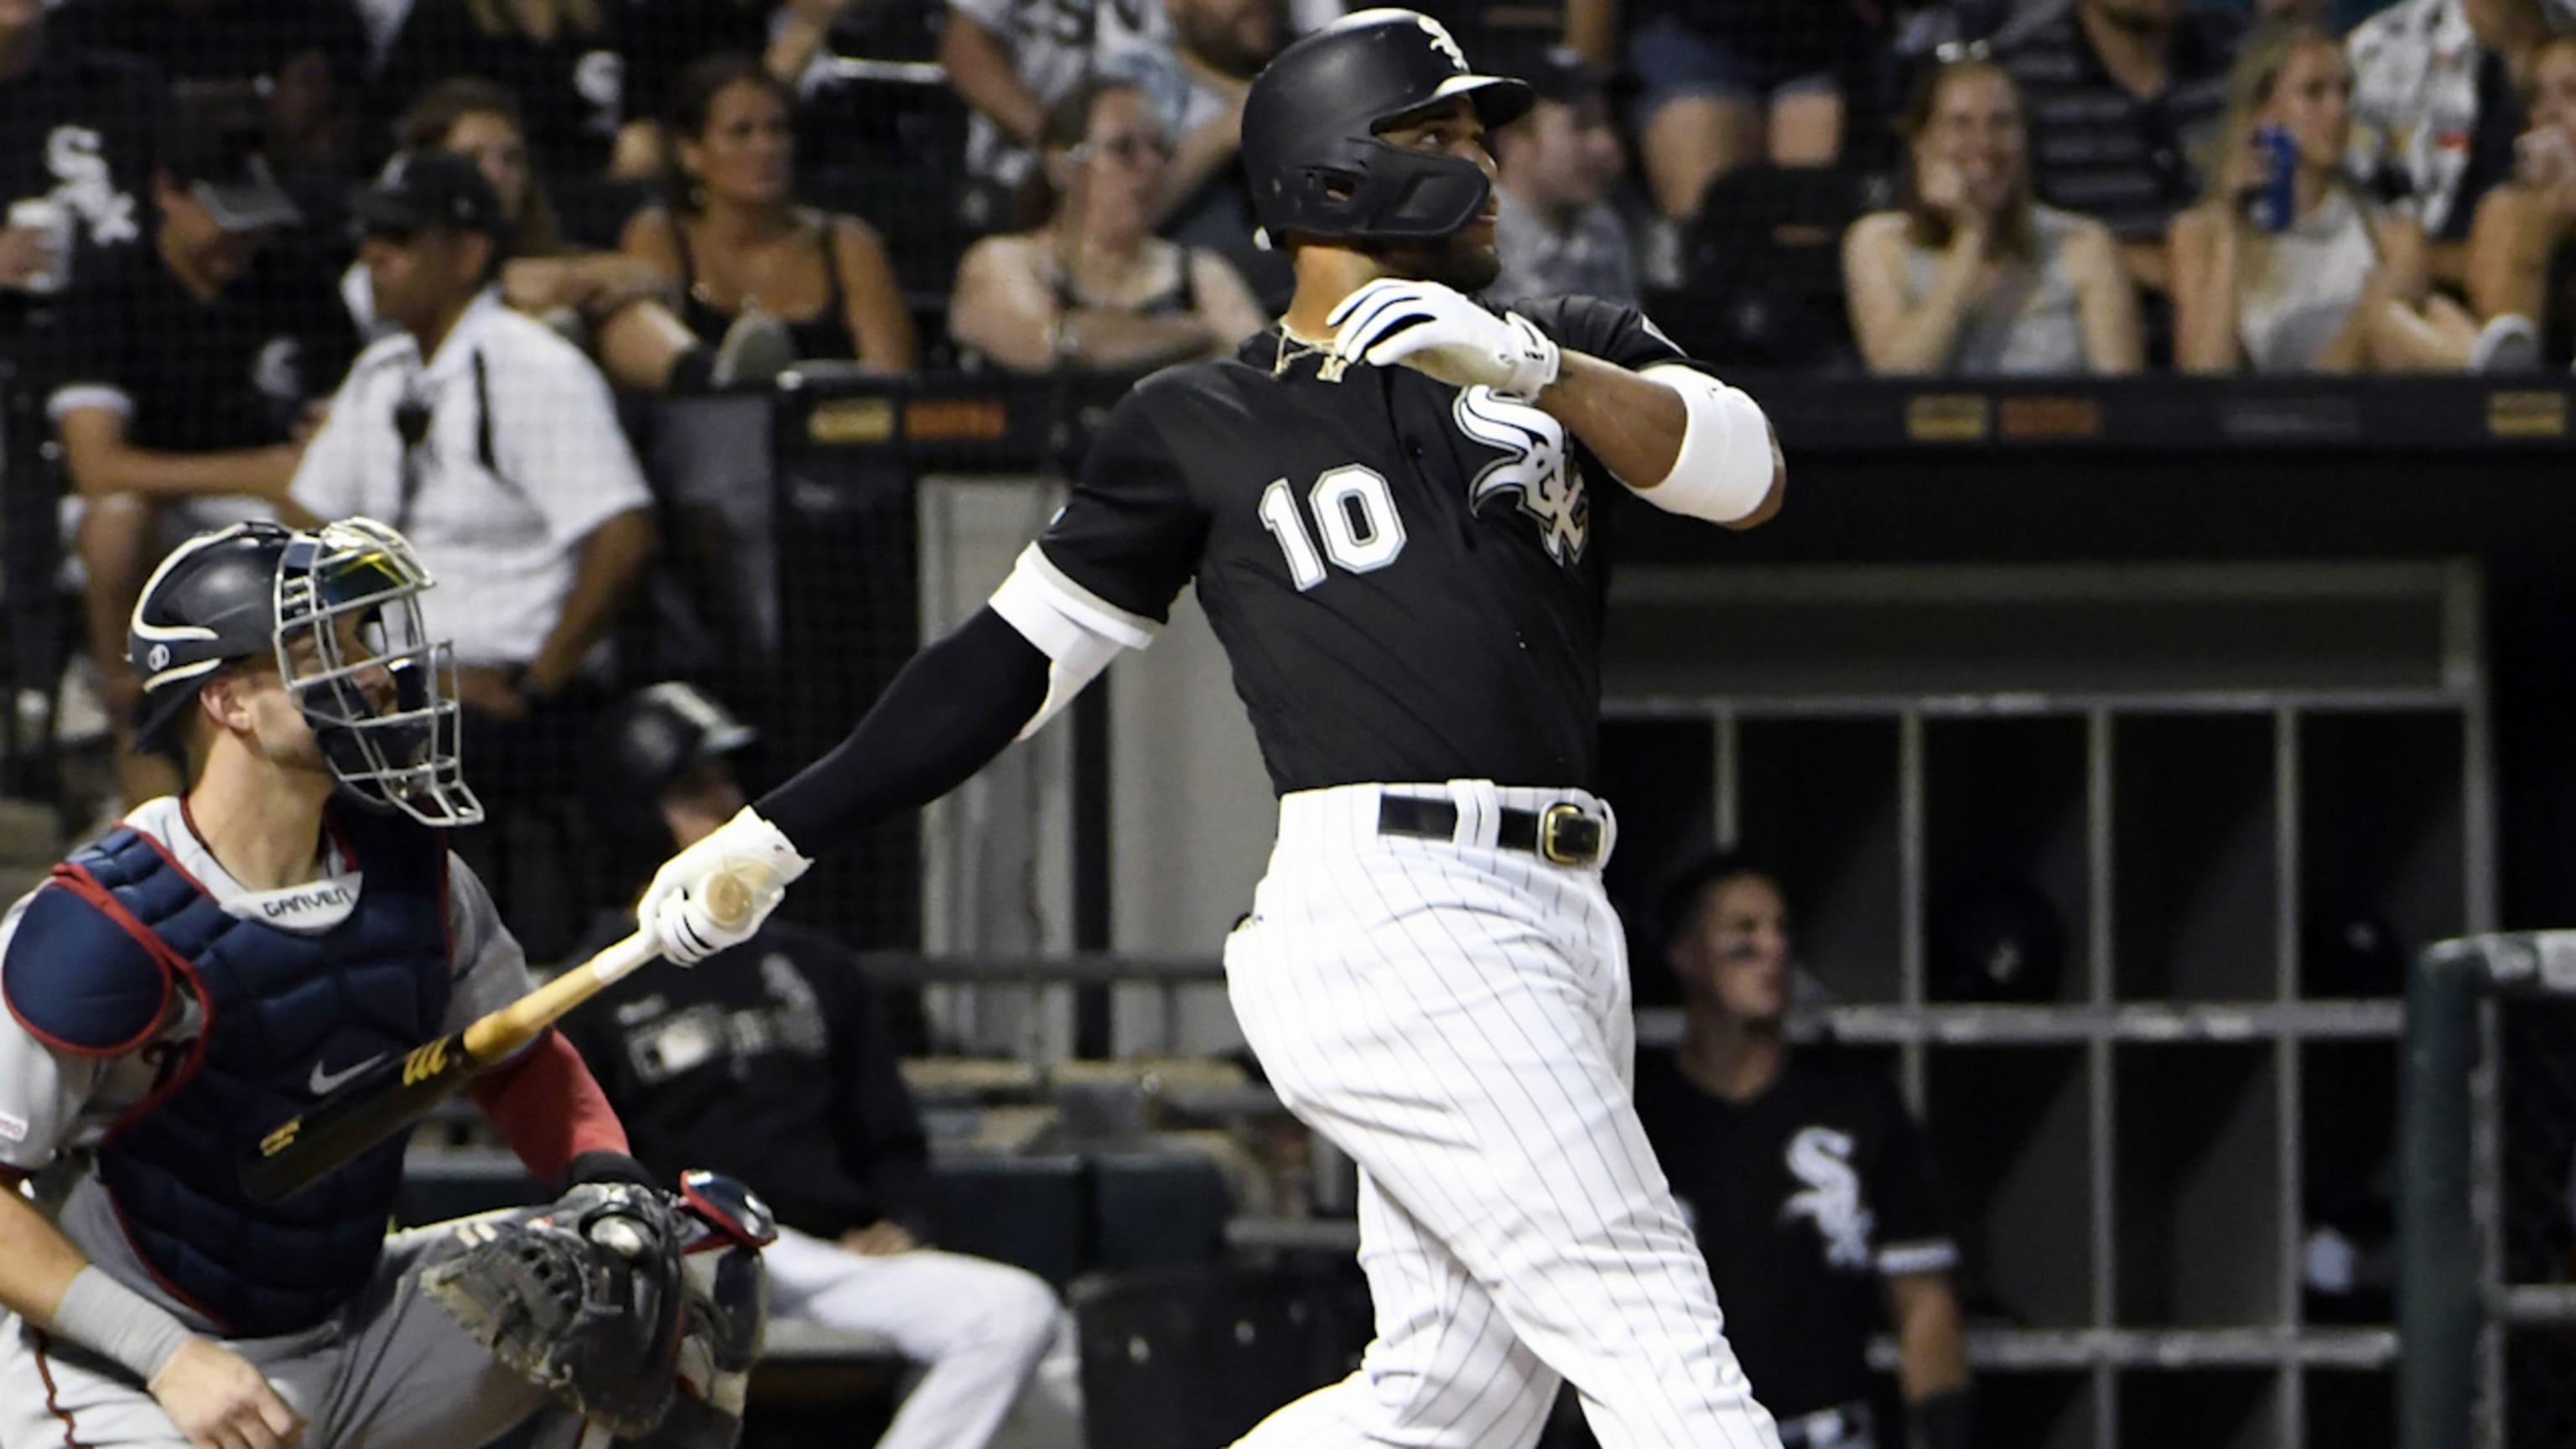 Moncada's 2019 extra-base hits